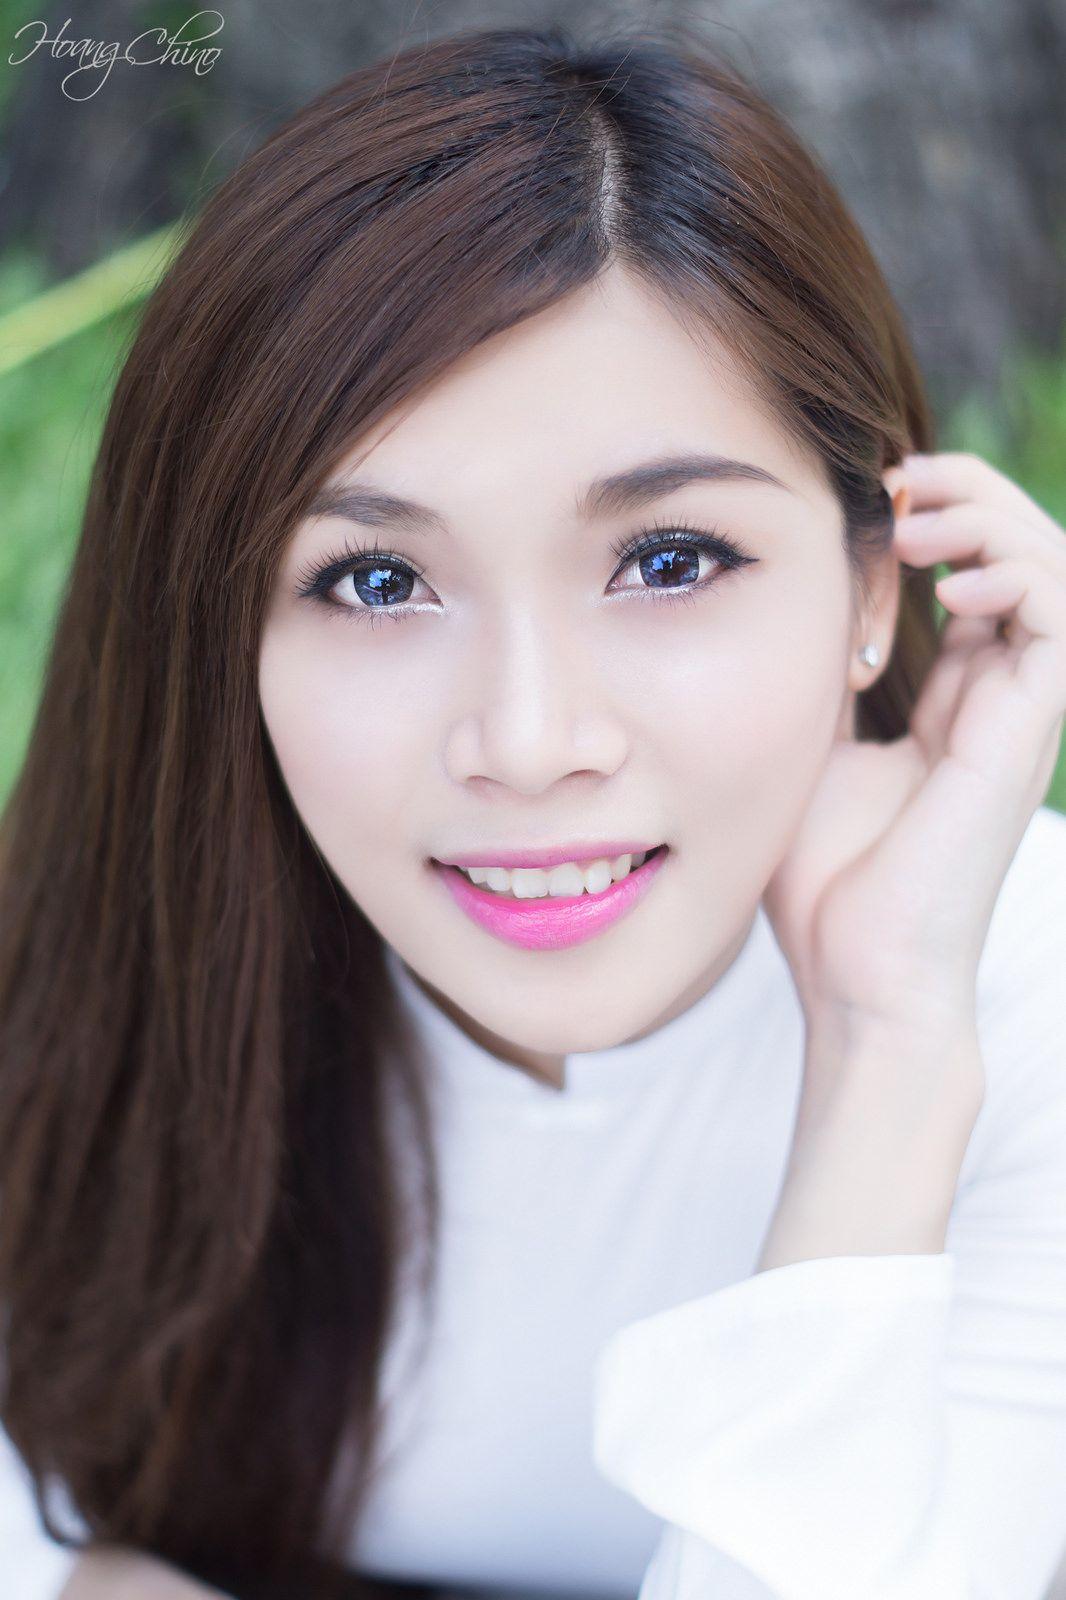 20170217_040905 in 2020 Asian beauty, Beauty, White